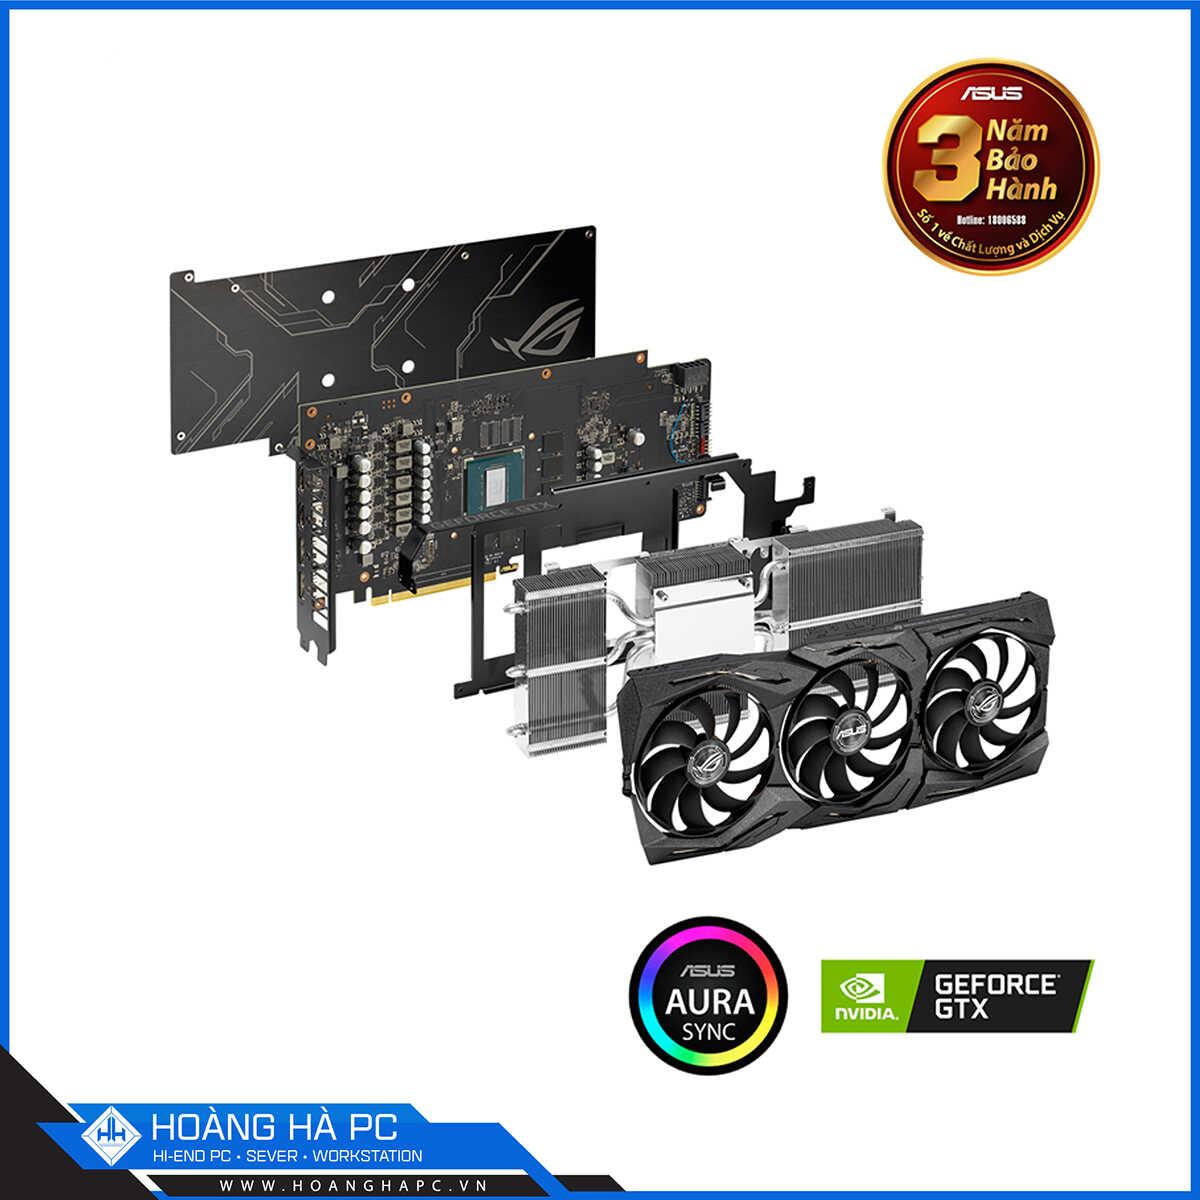 VGA Asus ROG STRIX GTX 1660 TI 6G GAMING